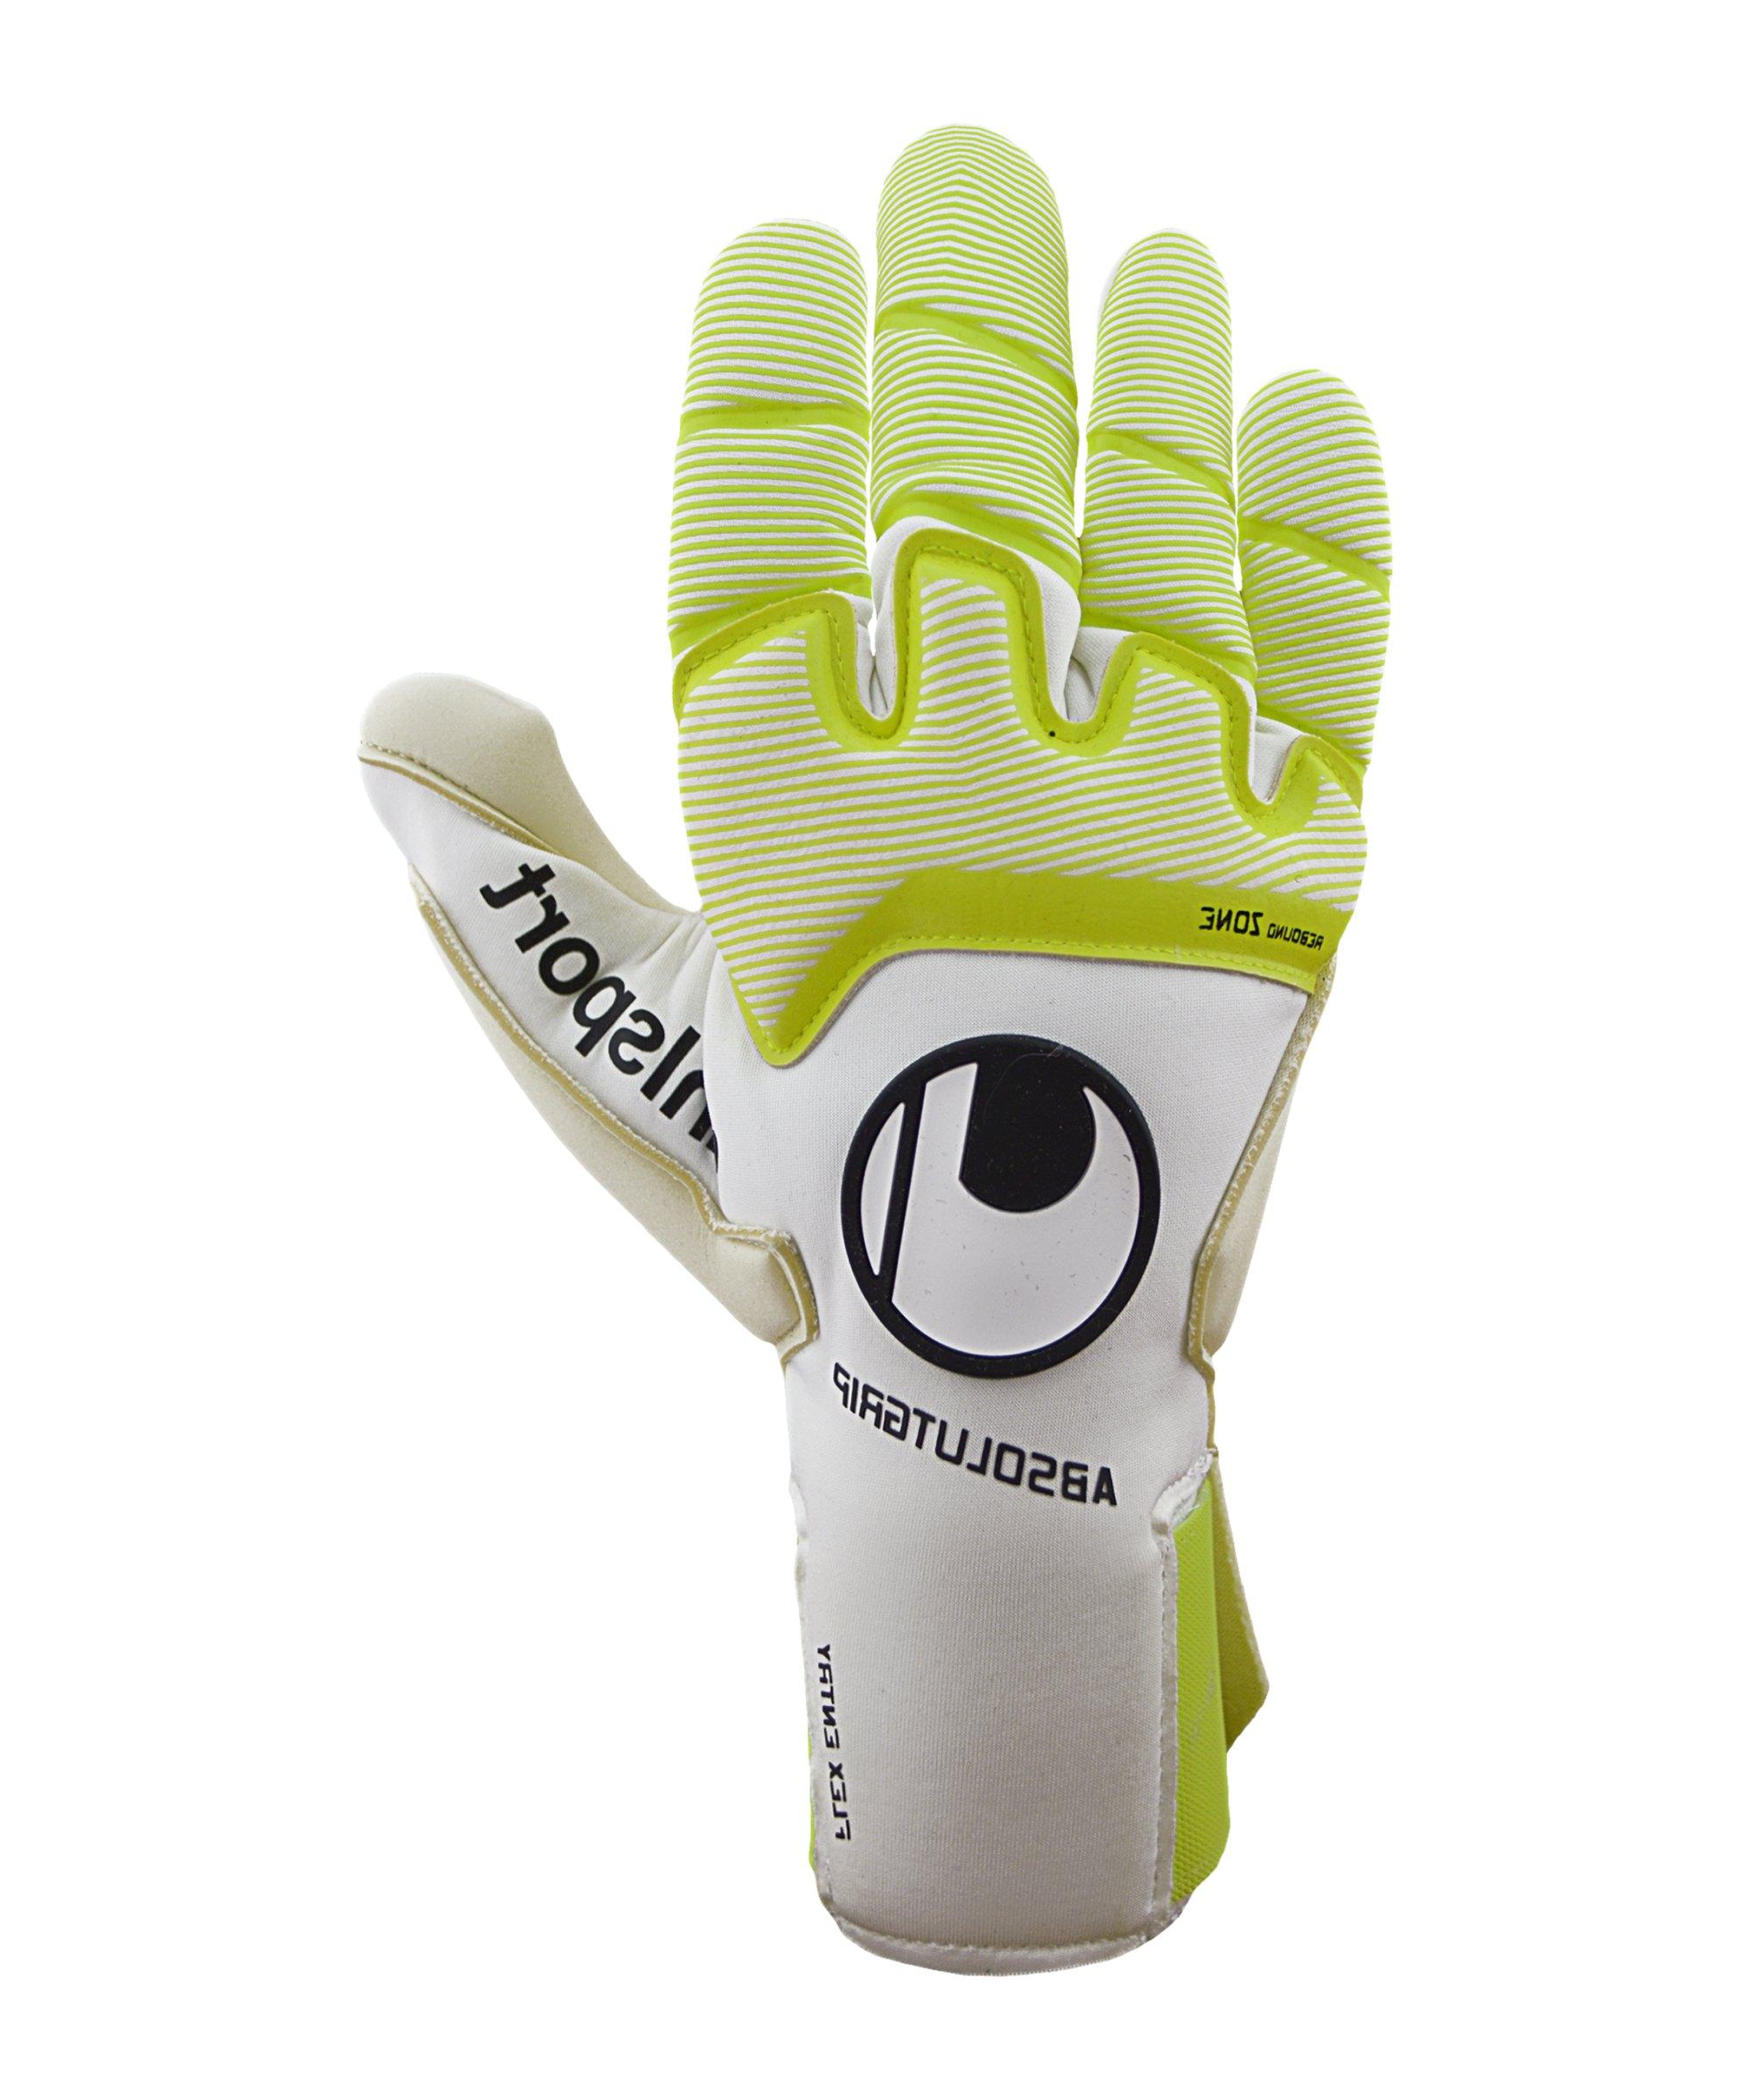 Uhlsport Pure Alliance Absolutgrip Reflex TW-Handschuh F01 - weiss